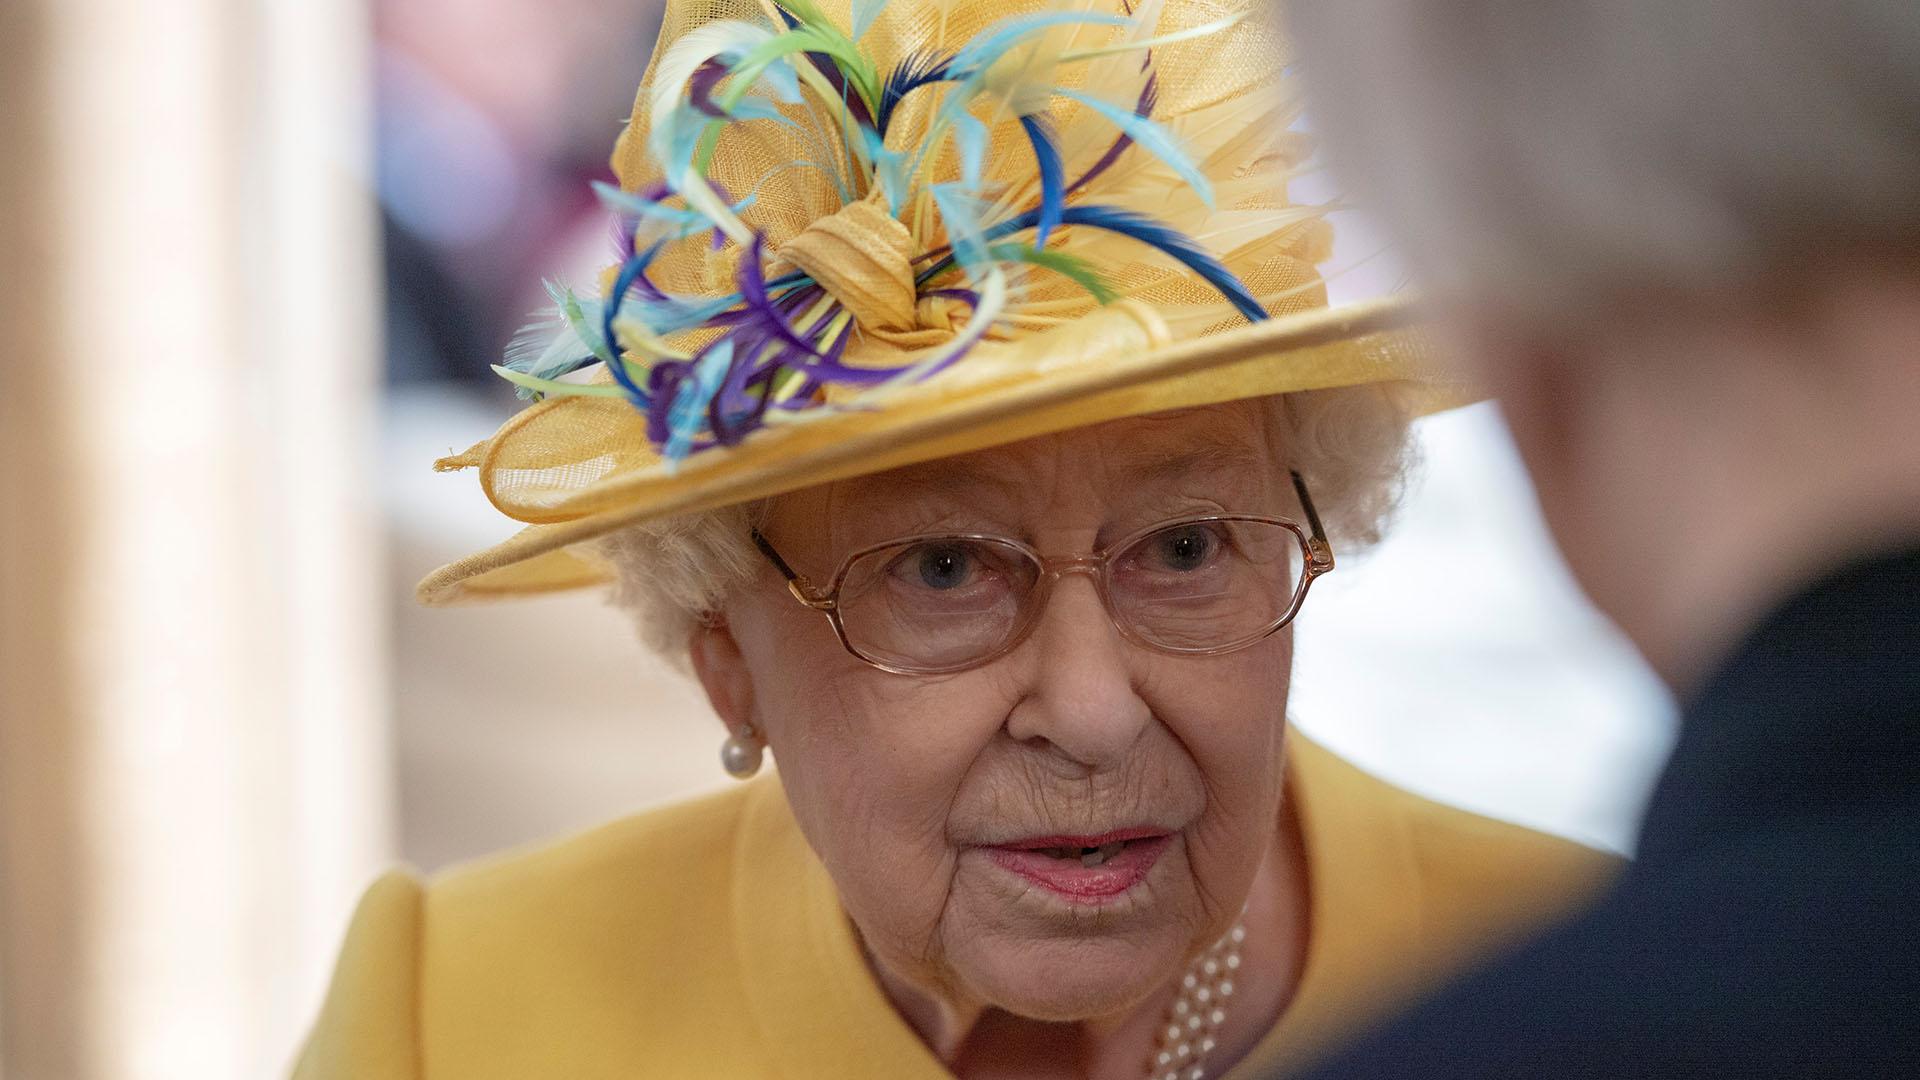 La reina fue coronada el 2 de junio de 1953